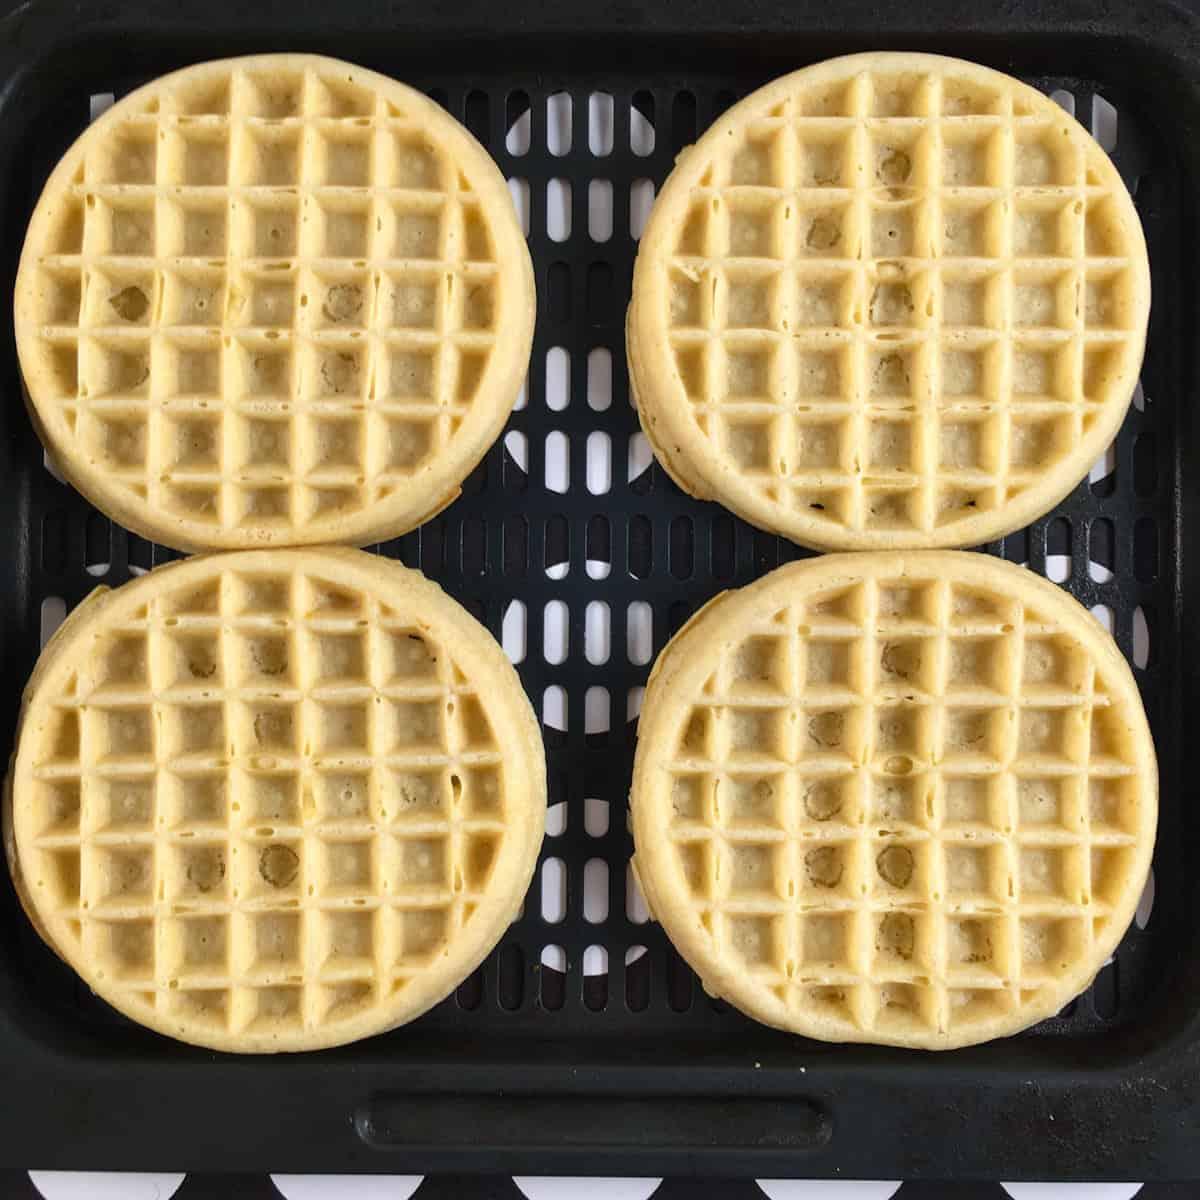 frozen waffles air fryer